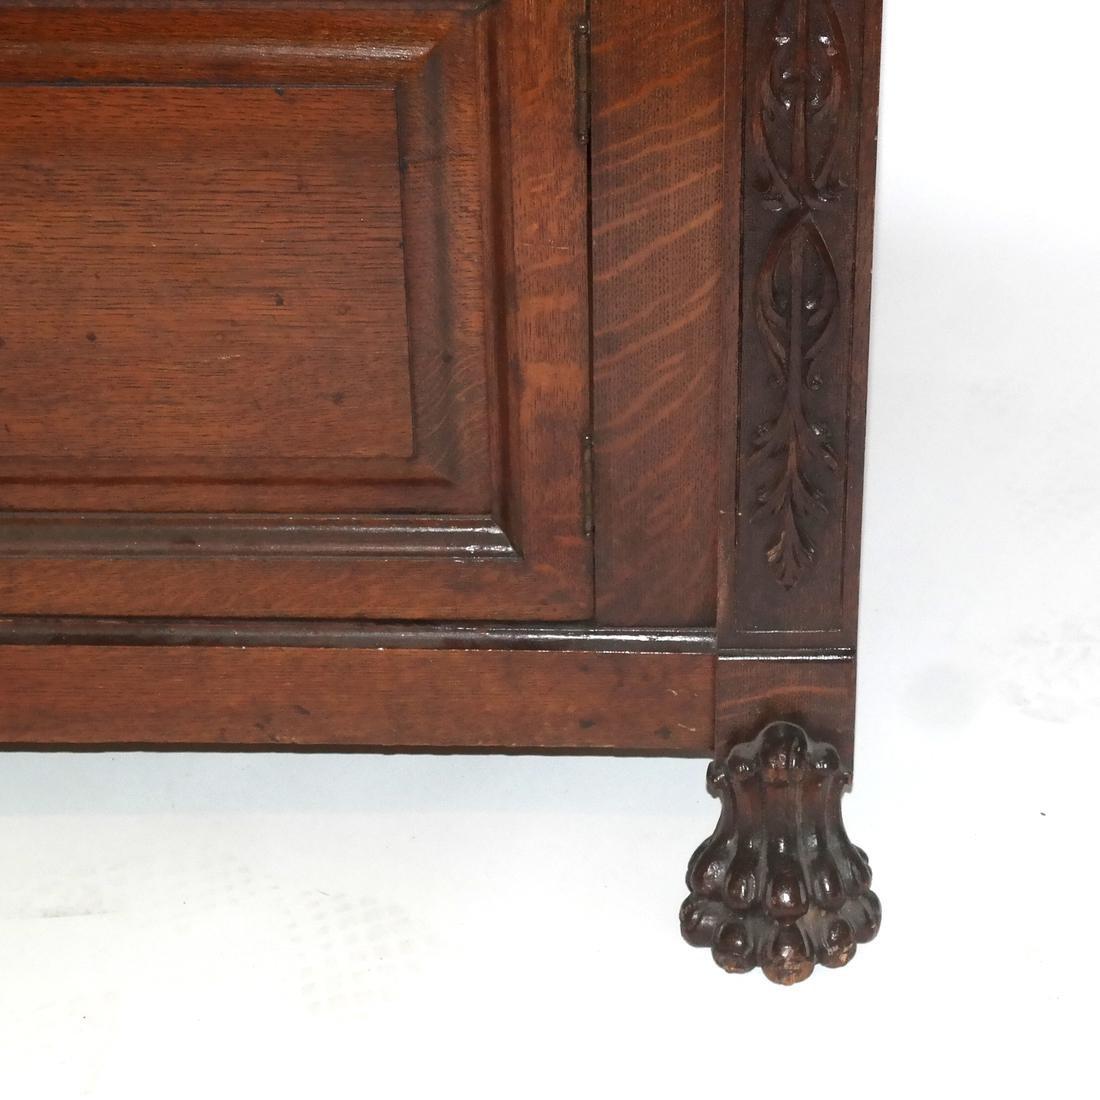 Antique Ornate Golden Oak Sideboard - 3